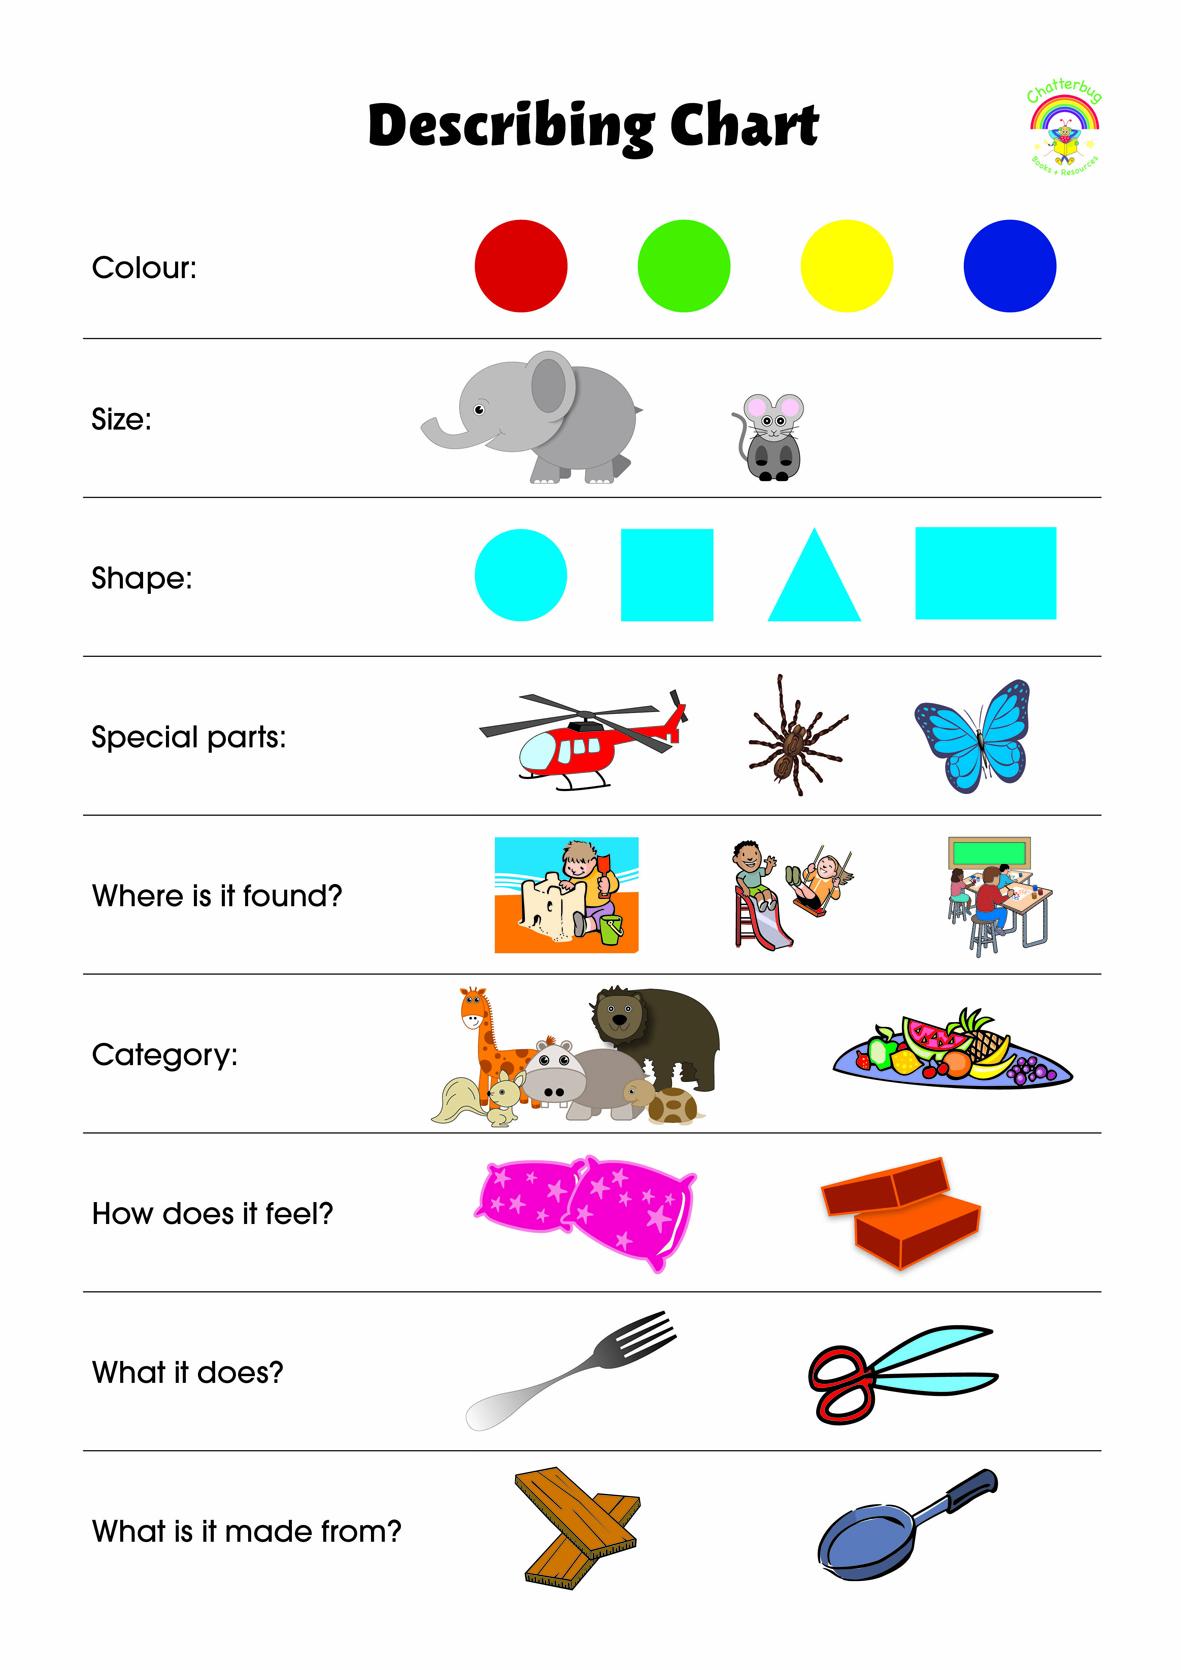 Describing Chart